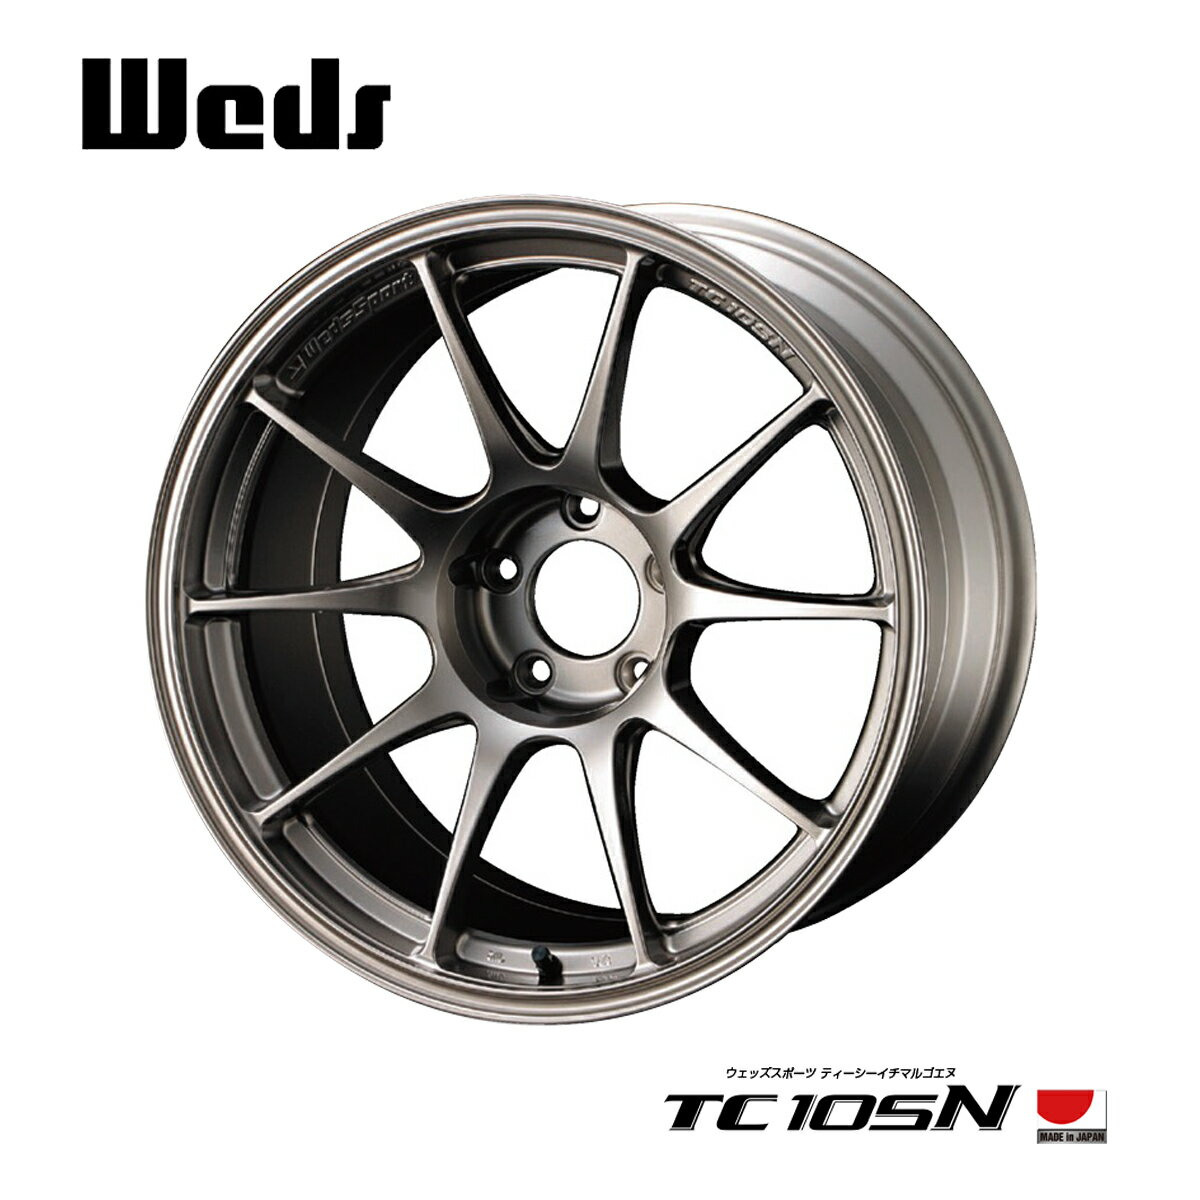 ウエッズスポーツ WedsSport TC105N ホイール 1本 18 インチ 5H114.3 9.0.J+50 ウェッズ WEDS